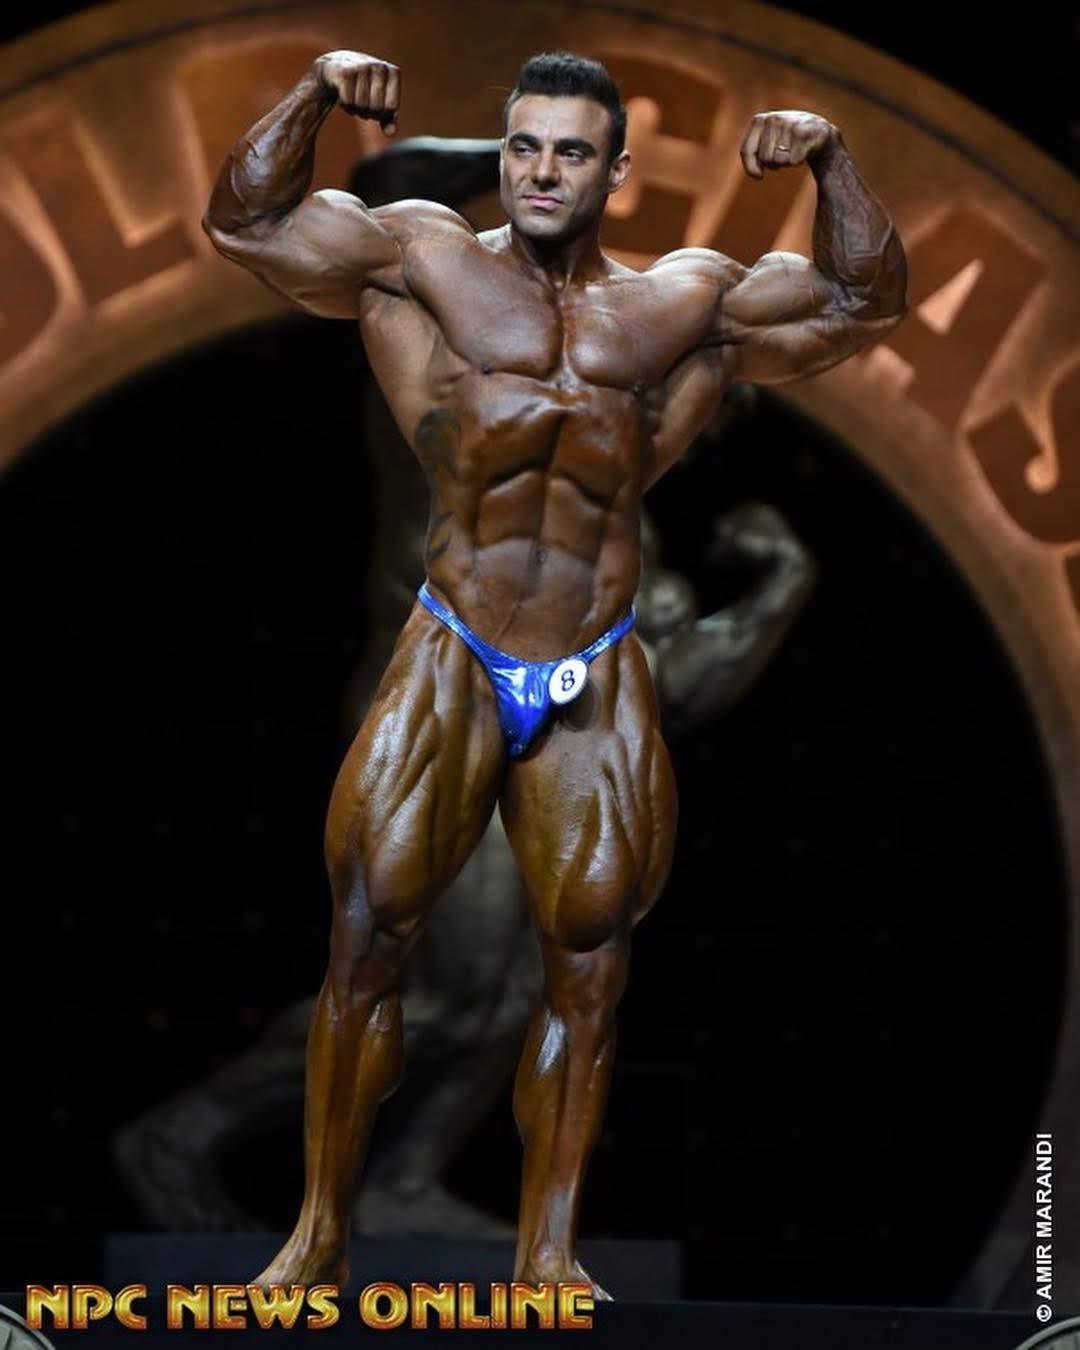 Rafael Brandão executa pose duplo bíceps de frente no prejudging do Arnold Classic 2019. Foto: Amir Marandi